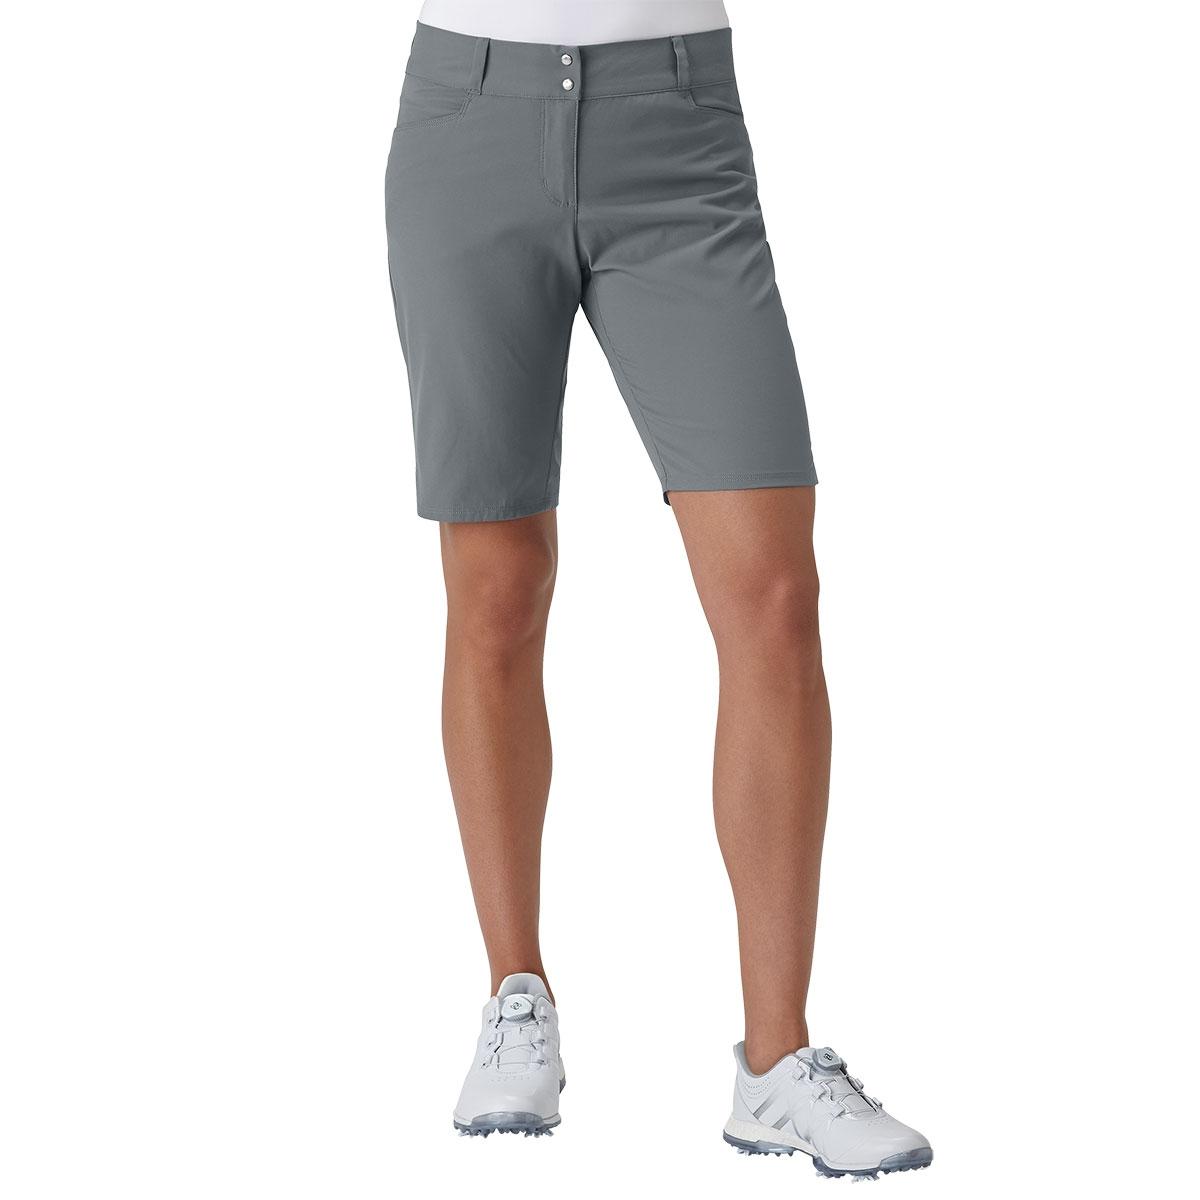 Adidas Womens Essential Bermuda Short - Grey